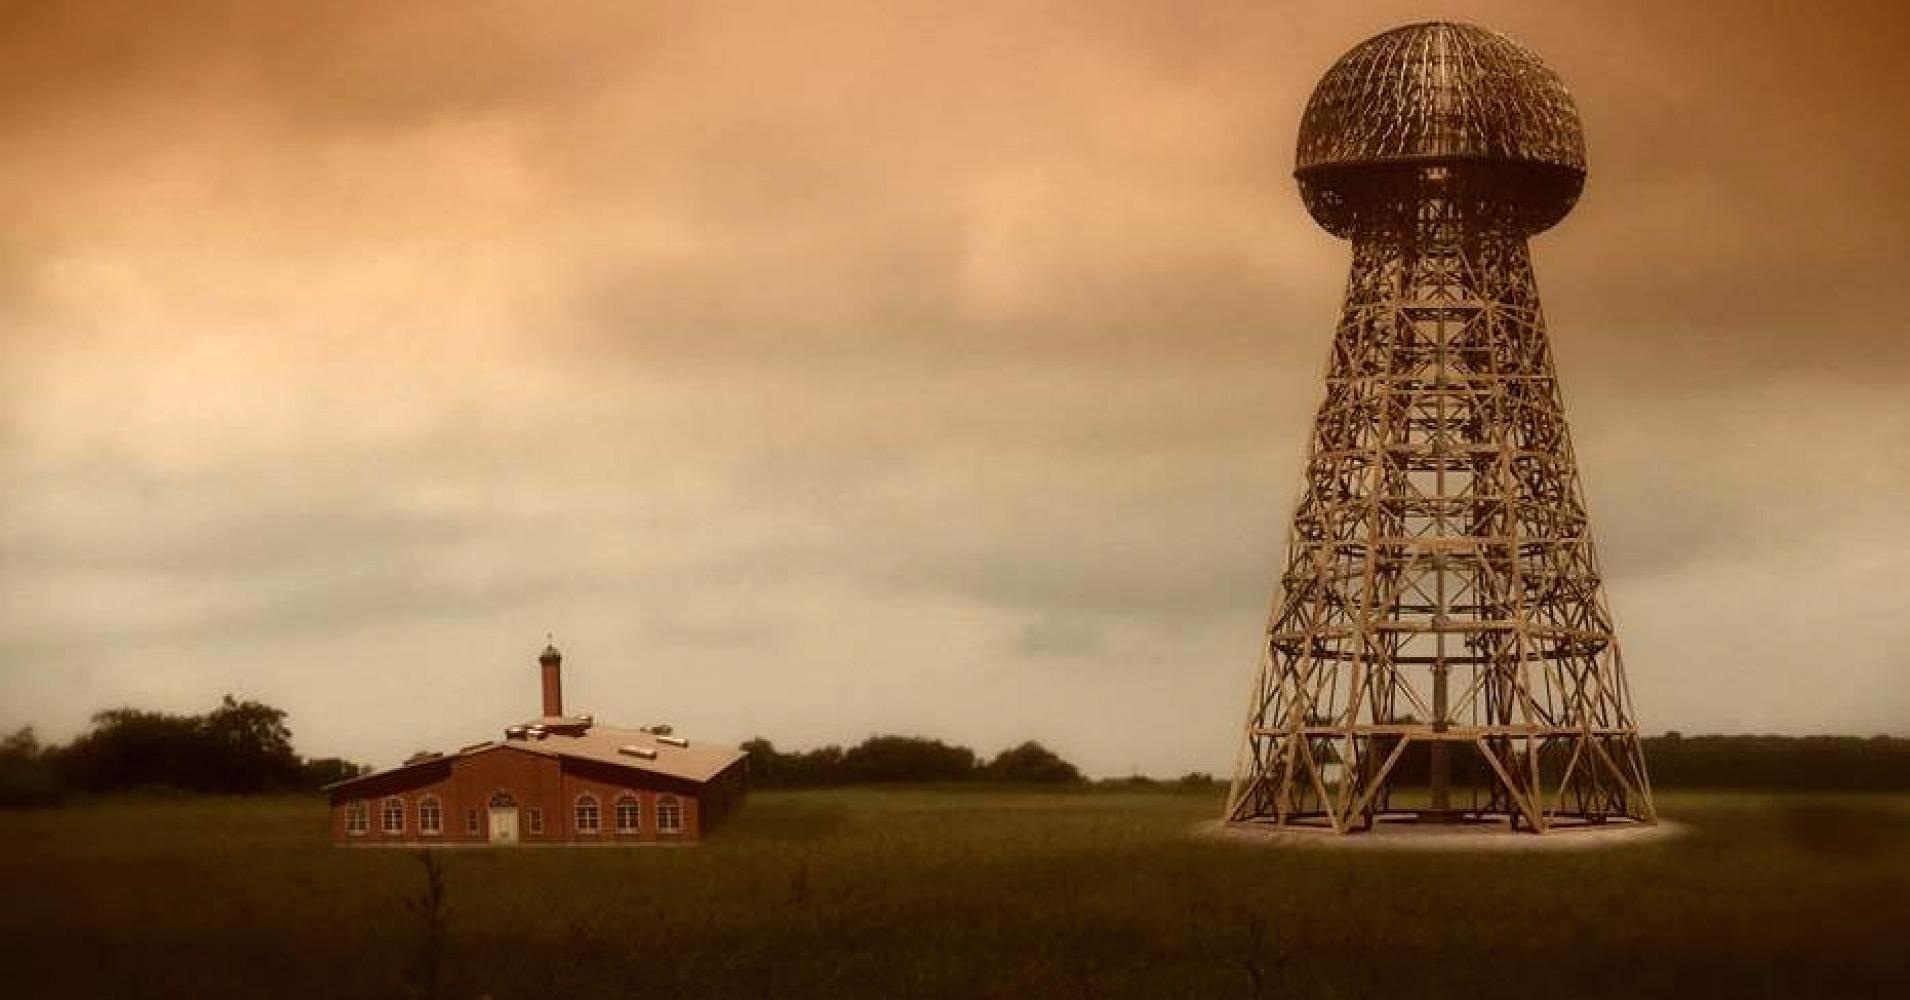 Le invenzioni di Nikola Tesla che avrebbero cambiato il mondo sistema di elettricità libera